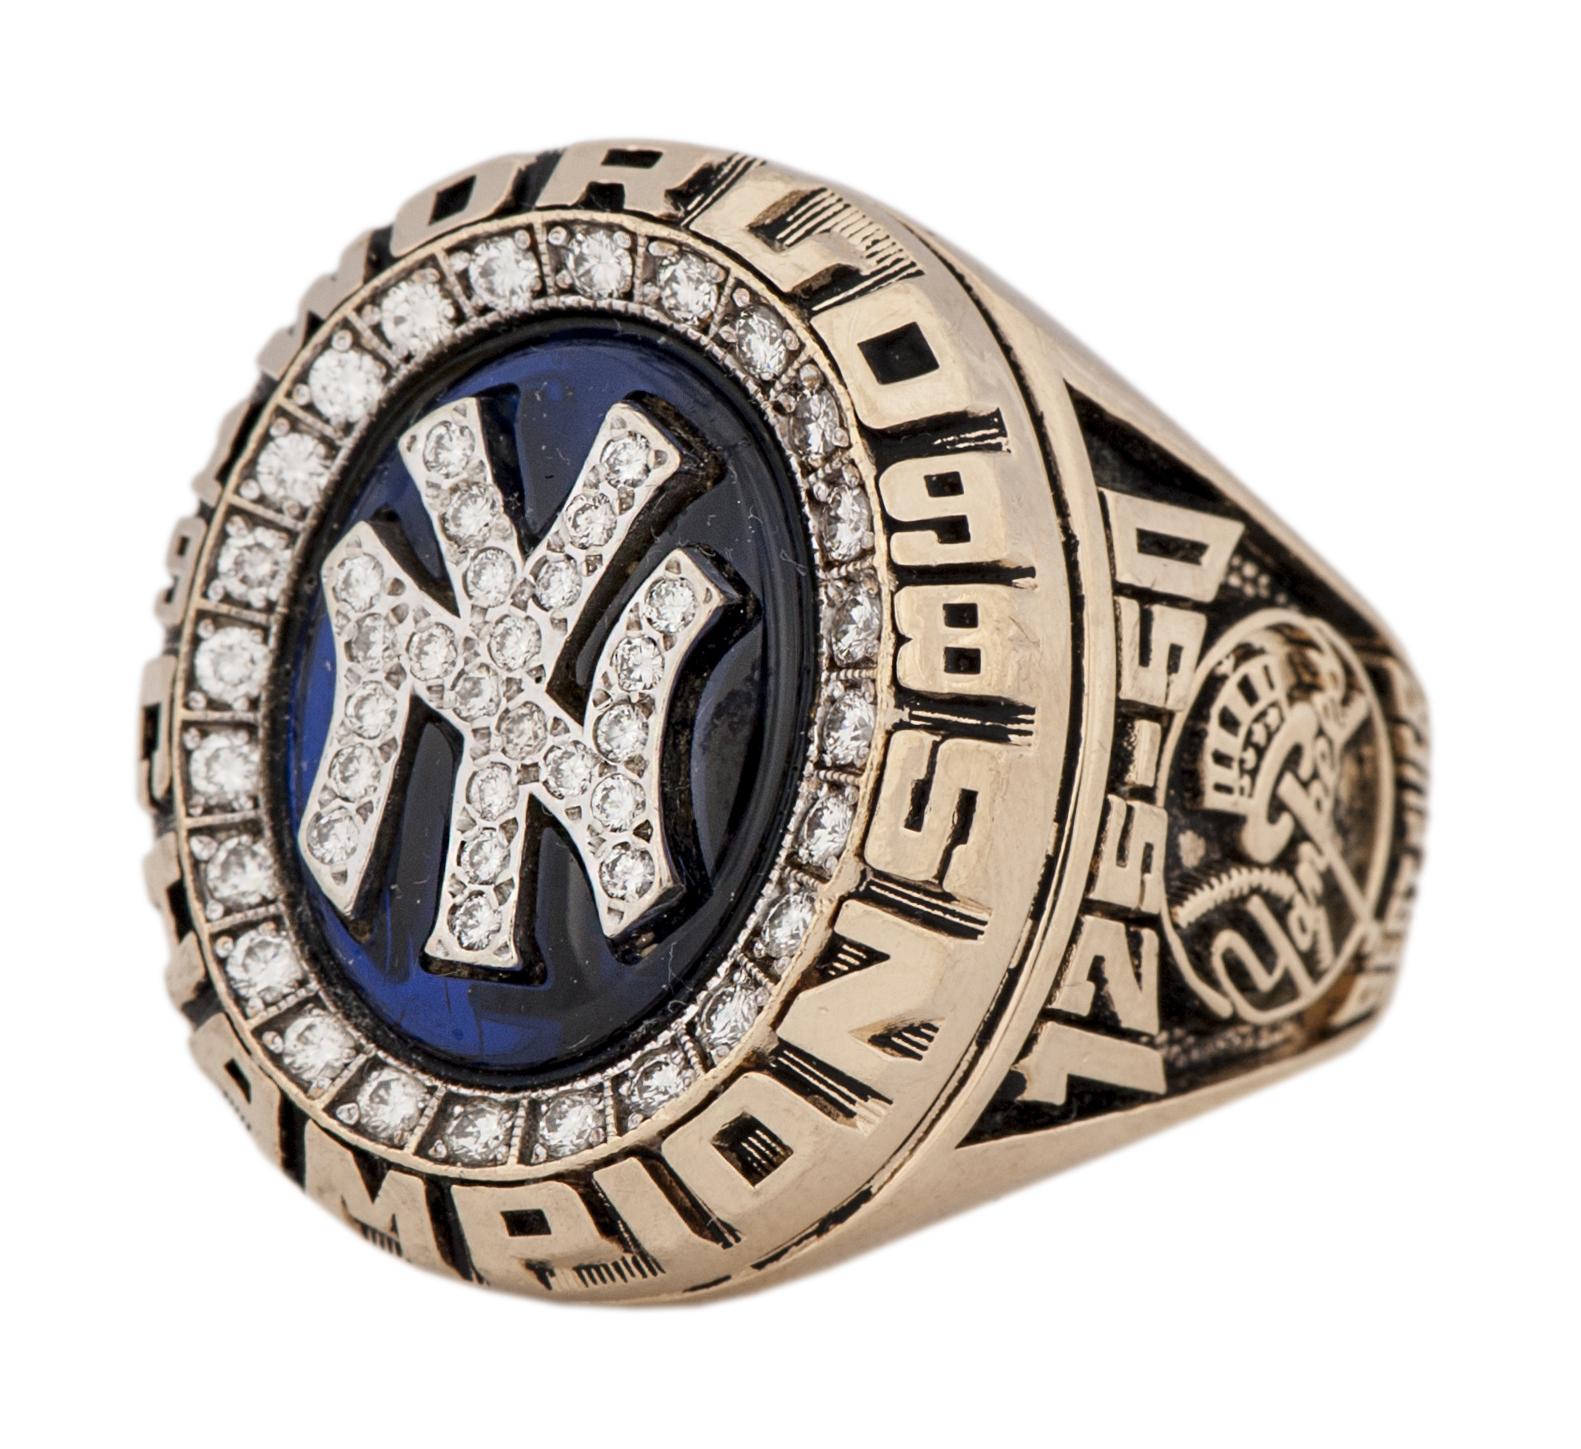 New York Yankees 1998 World Series ring